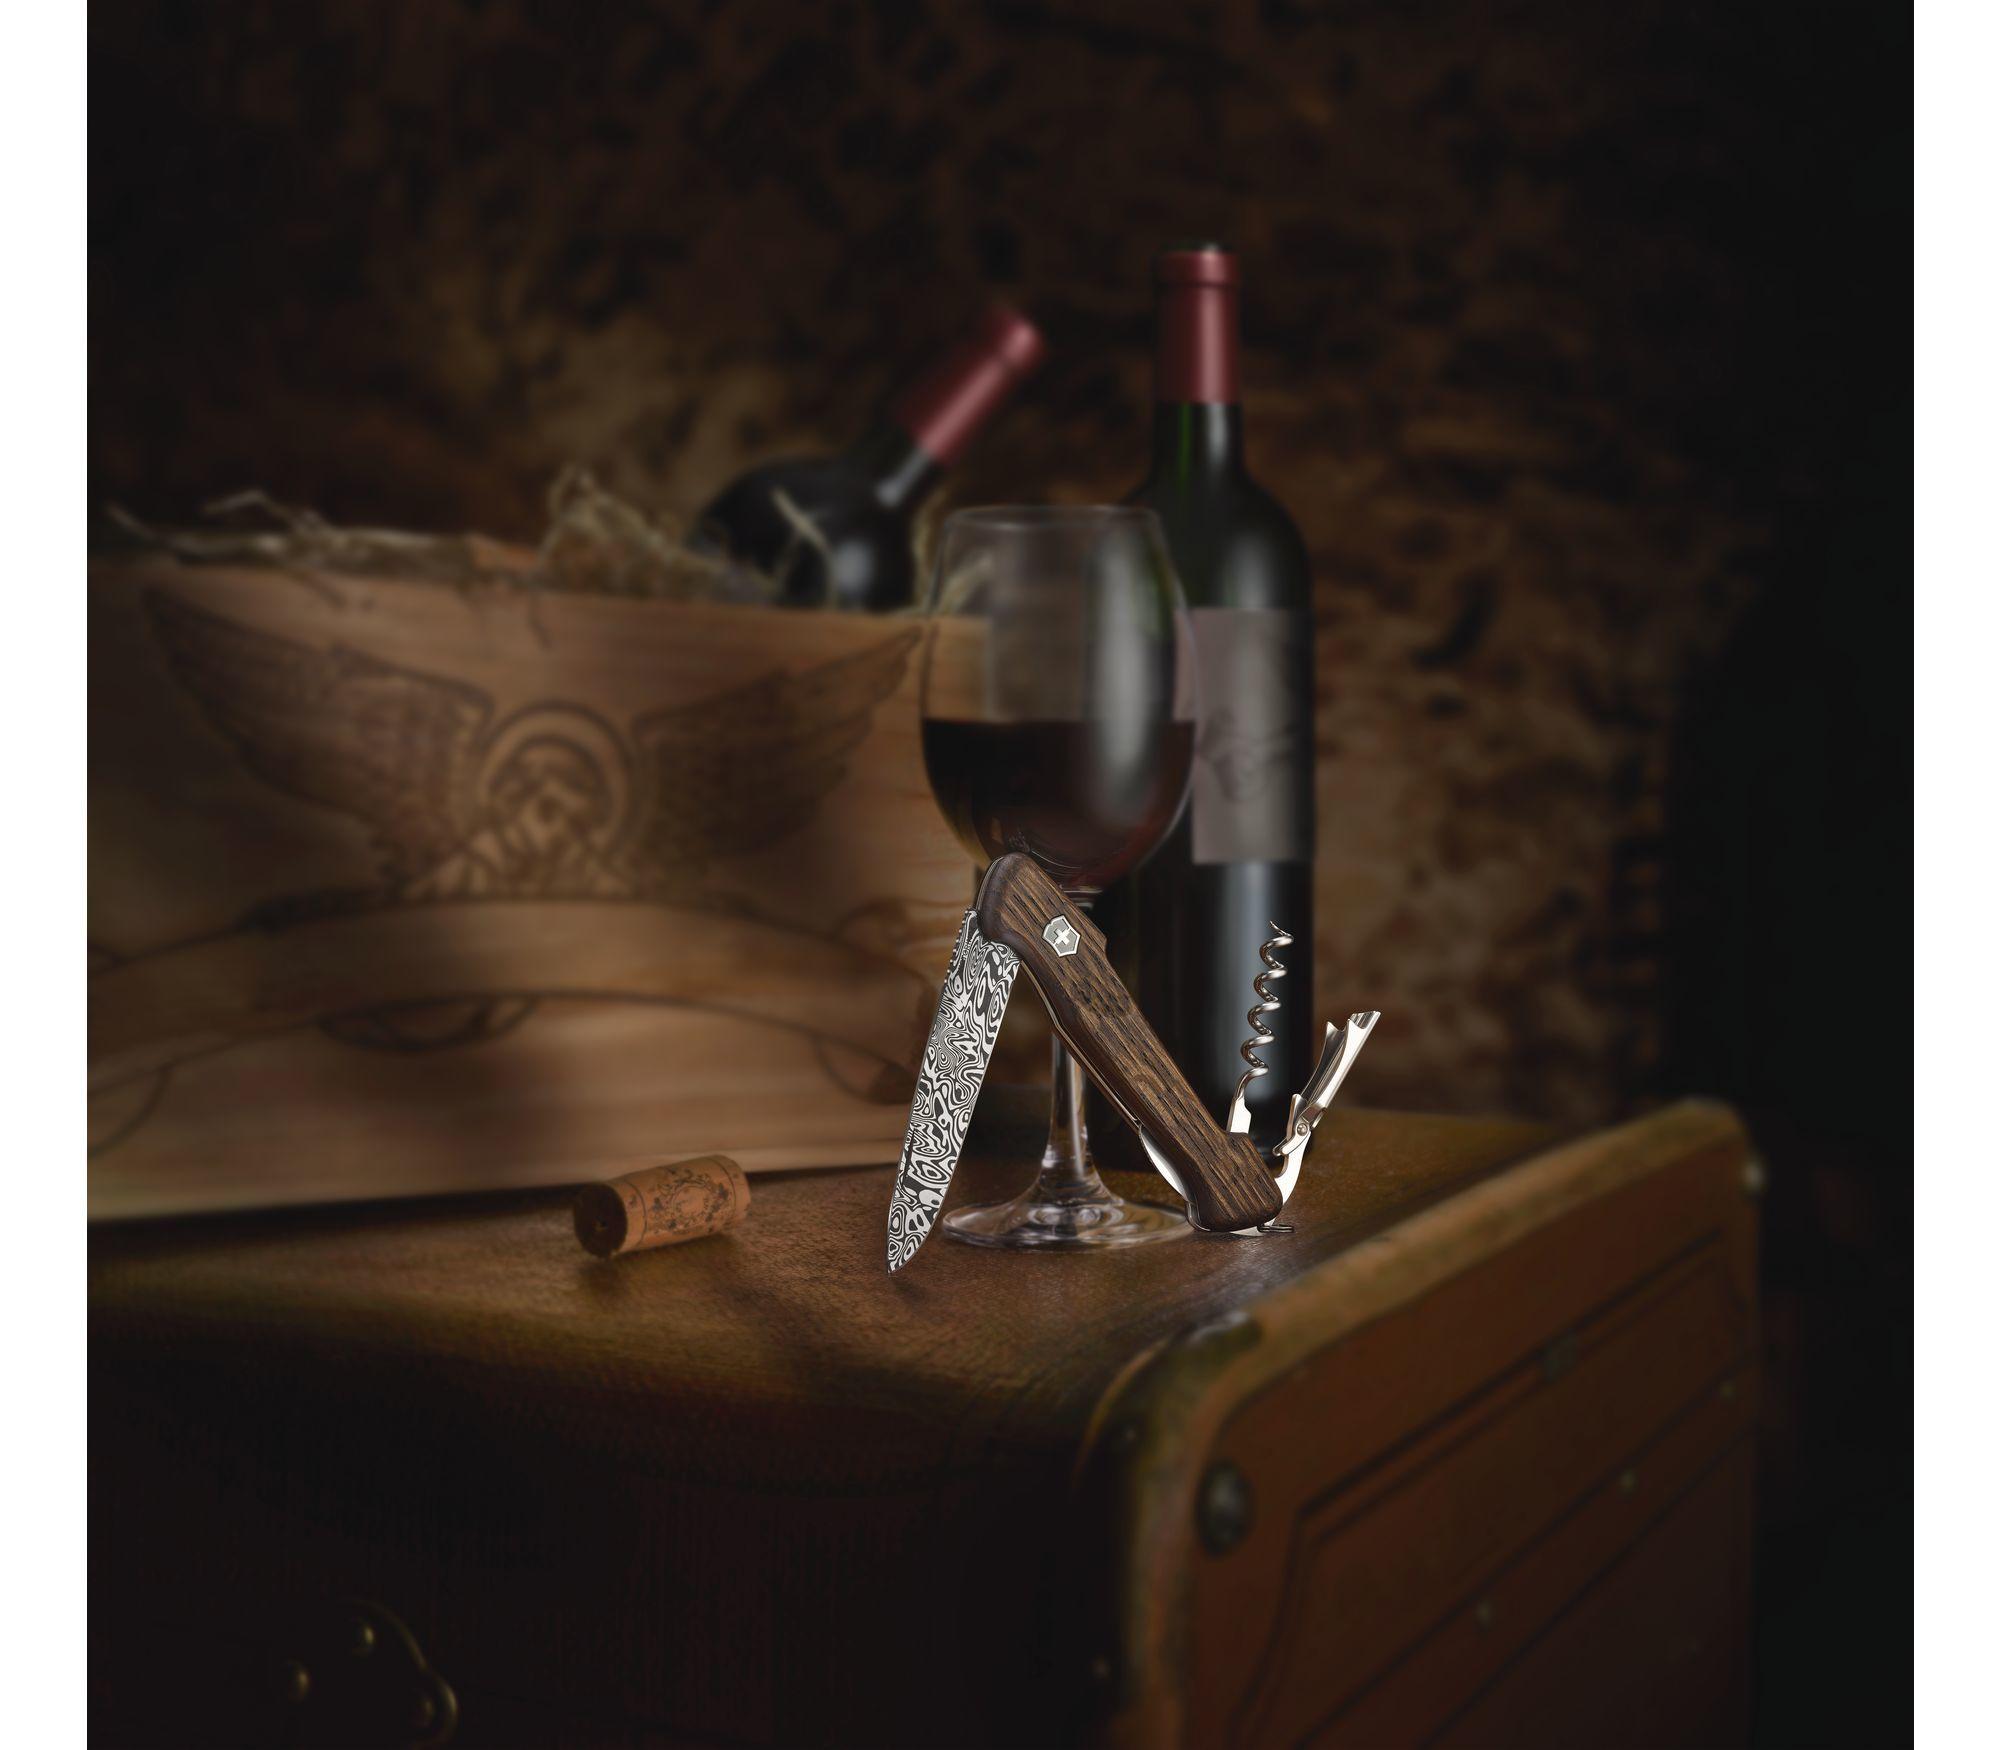 Складной коллекционный нож Victorinox Wine Master Damast Limited Edition 2019 (0.9701.J19) дамасская сталь, лимитированное издание - Wenger-Victorinox.Ru